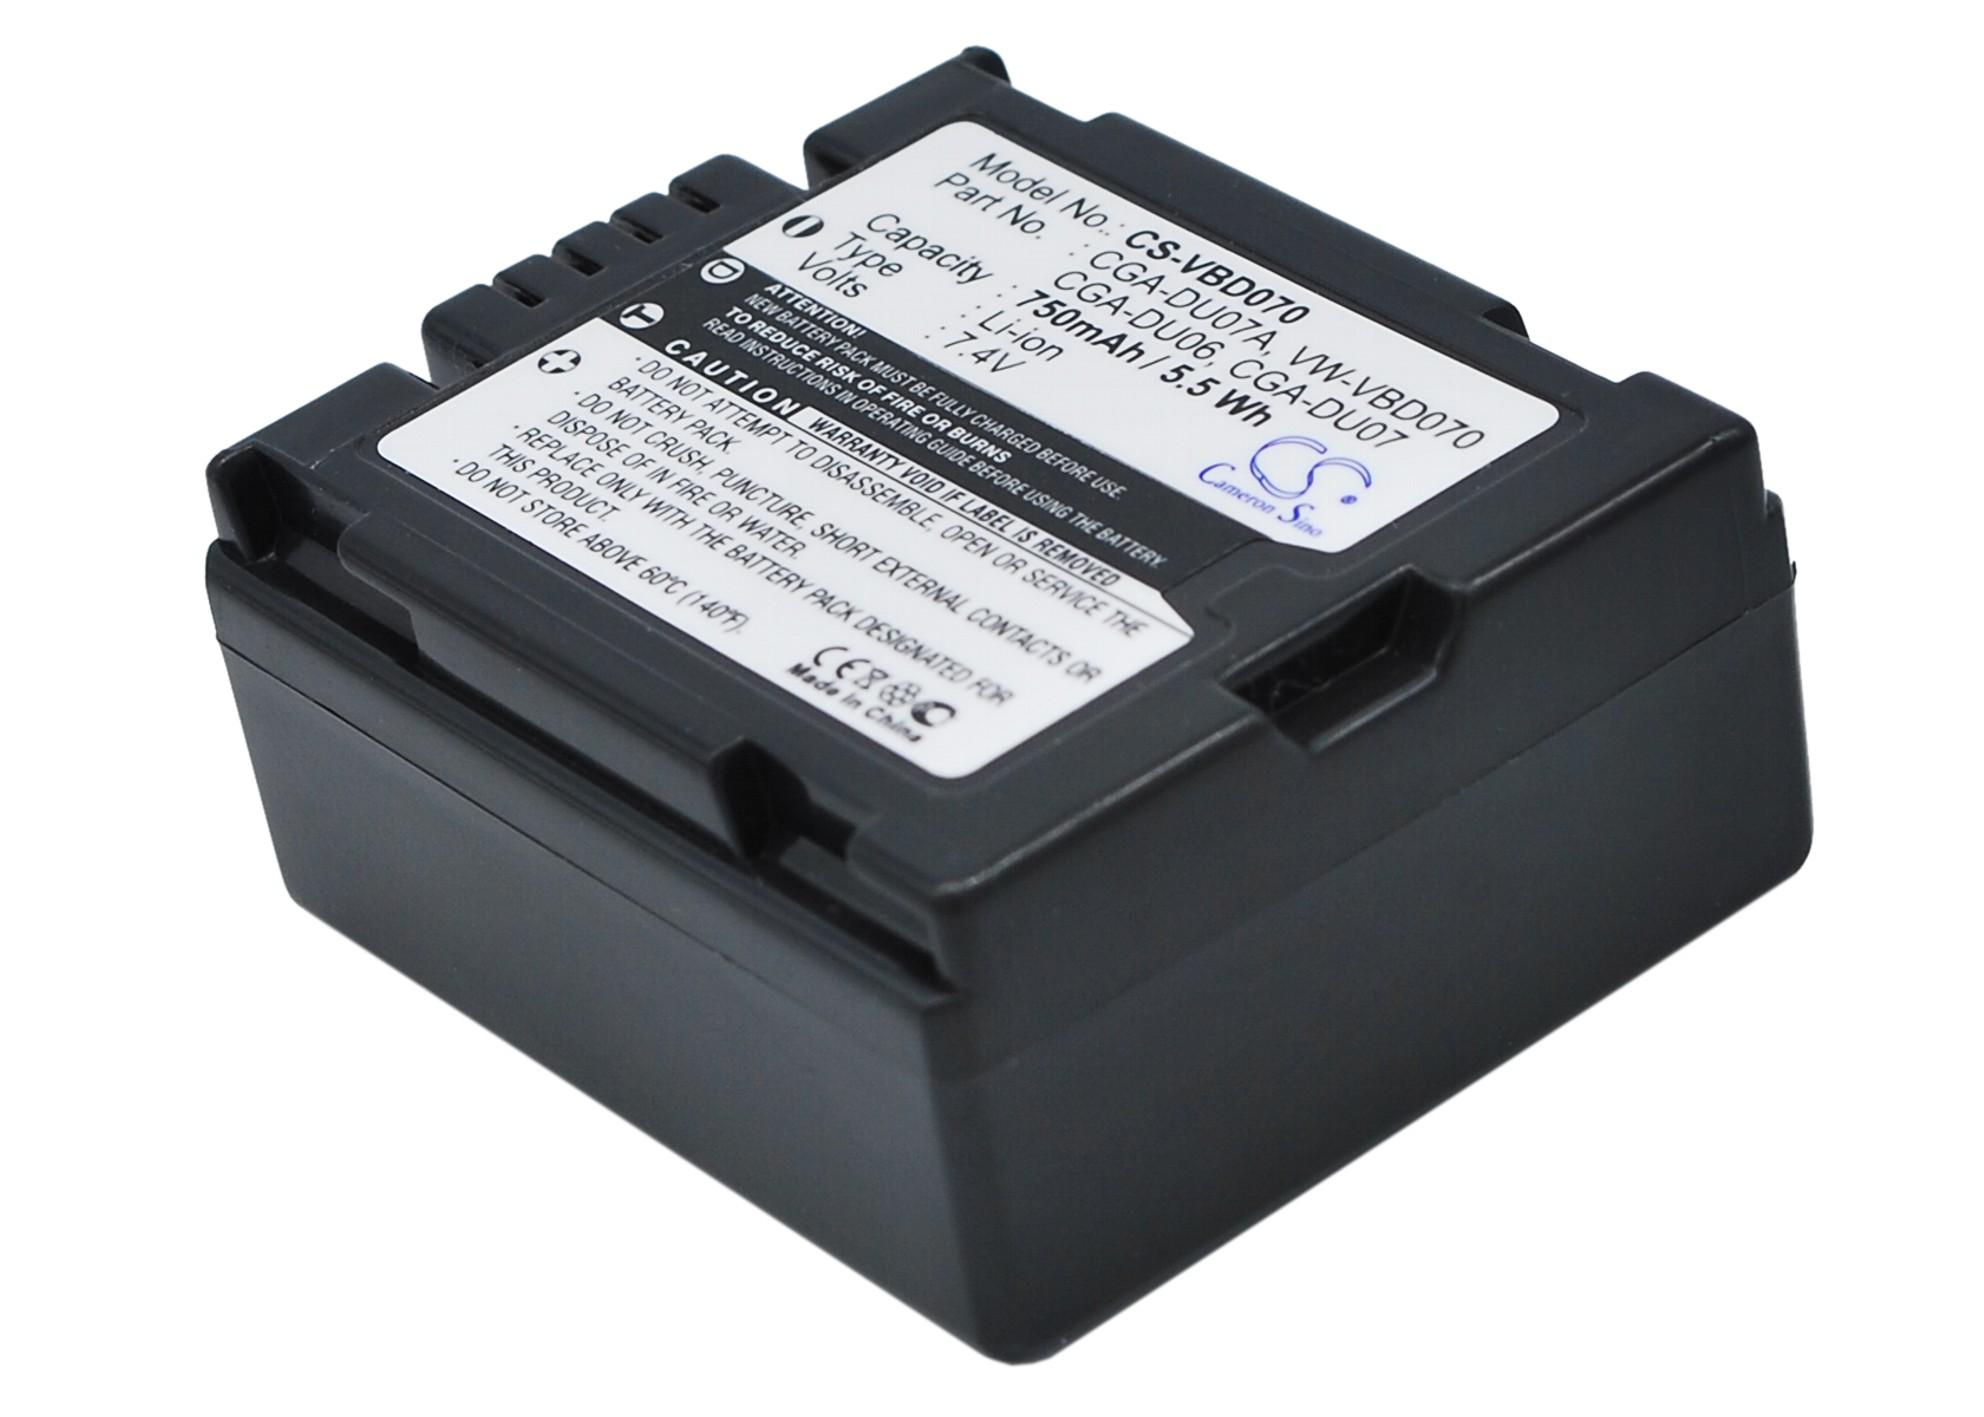 Cameron Sino baterie do kamer a fotoaparátů pro HITACHI DZ-GX5100 7.4V Li-ion 750mAh tmavě šedá - neoriginální